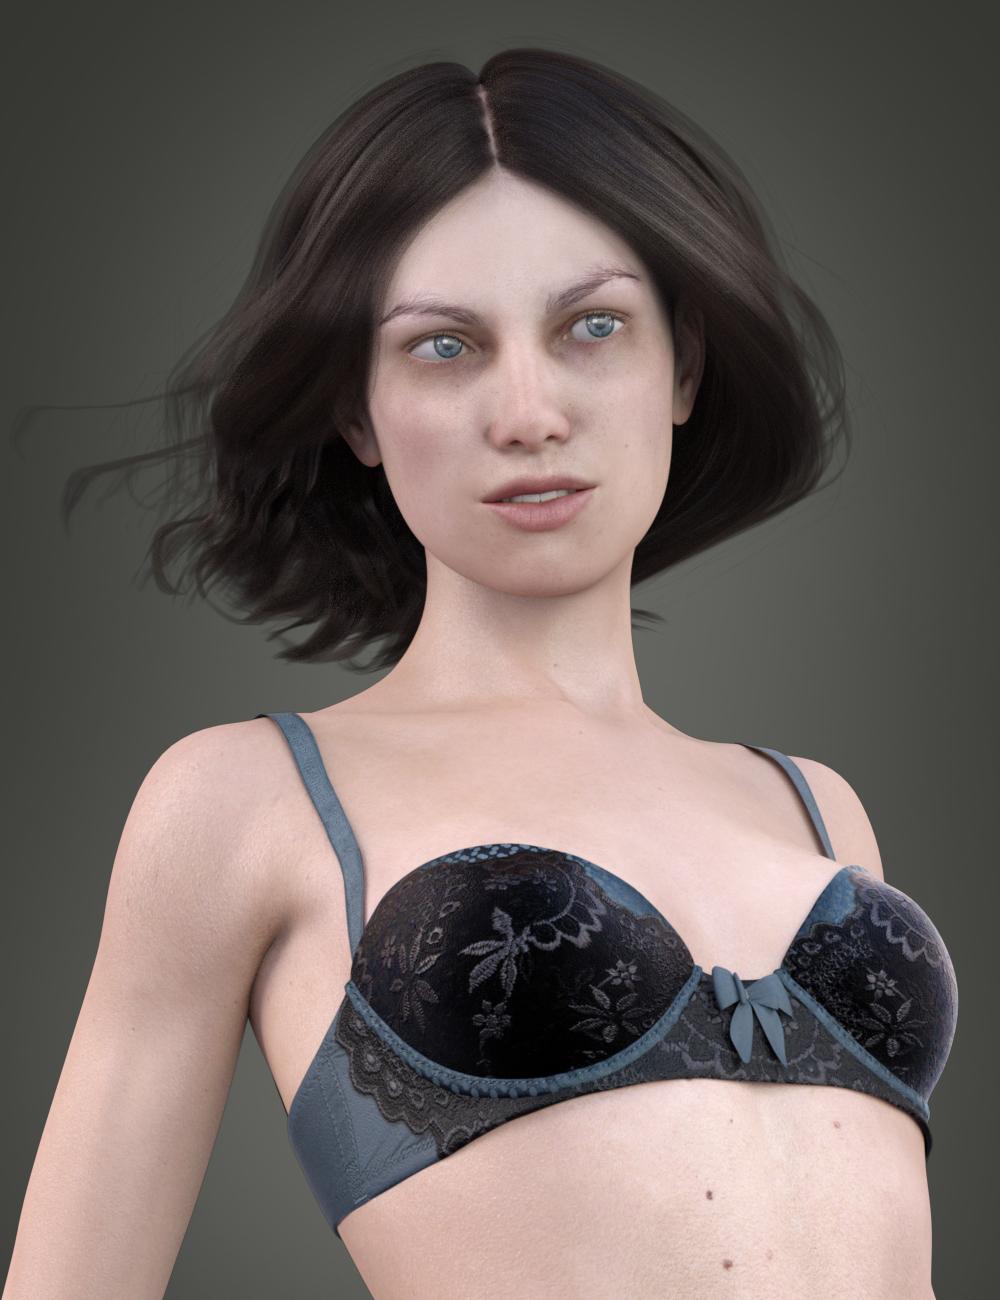 Lola for Genesis 3 Female by: Deepsea, 3D Models by Daz 3D